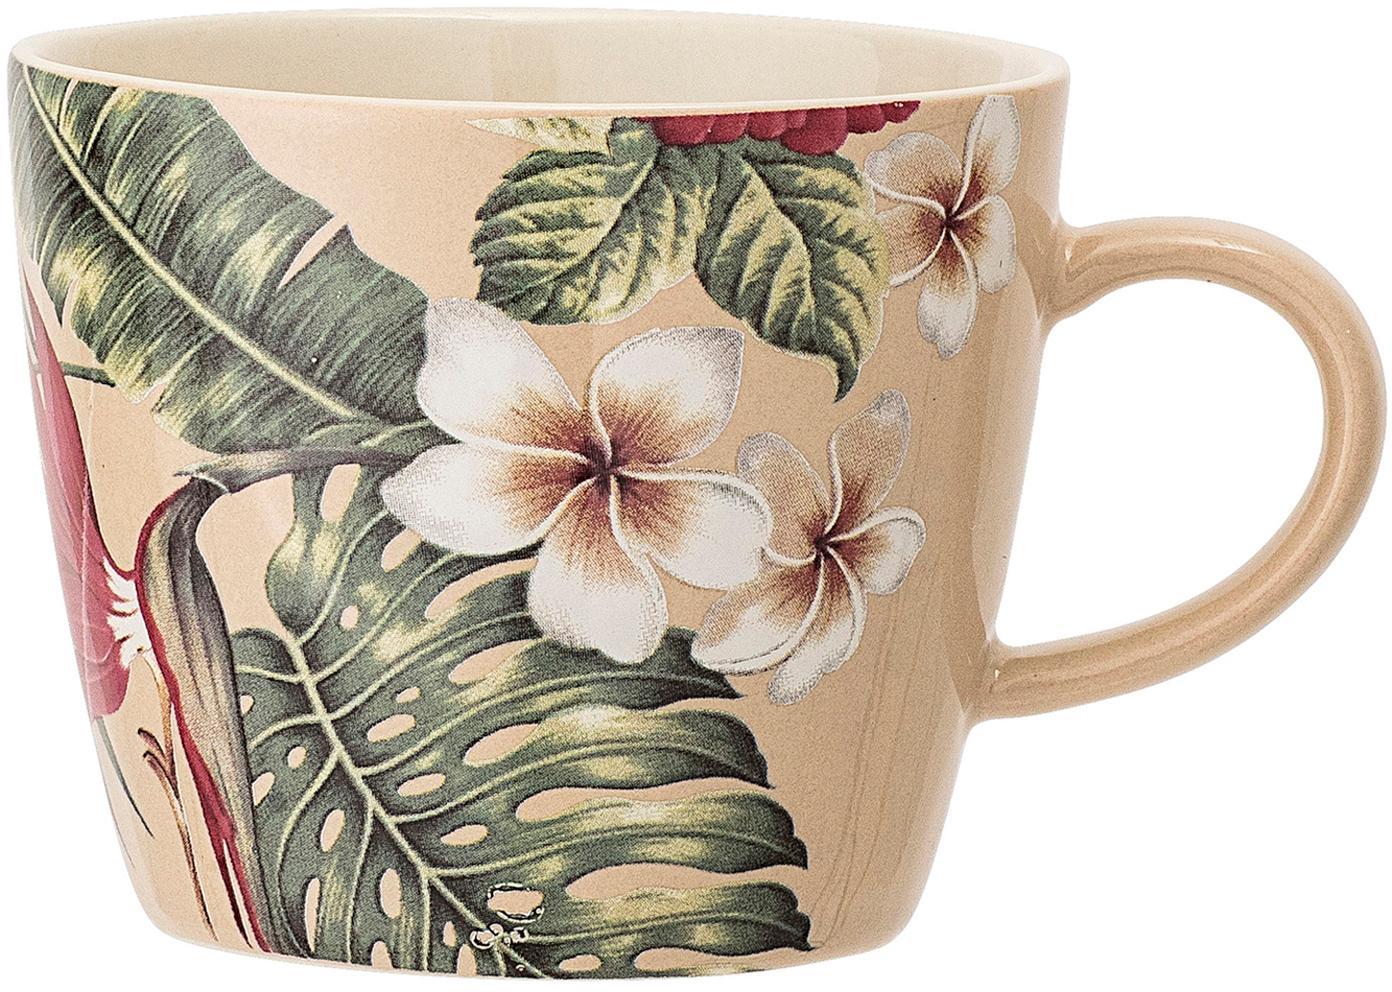 Tazas de café Aruba, 2uds., Gres, Blanco crema, verde, rojo, Ø 10 x Al 8 cm